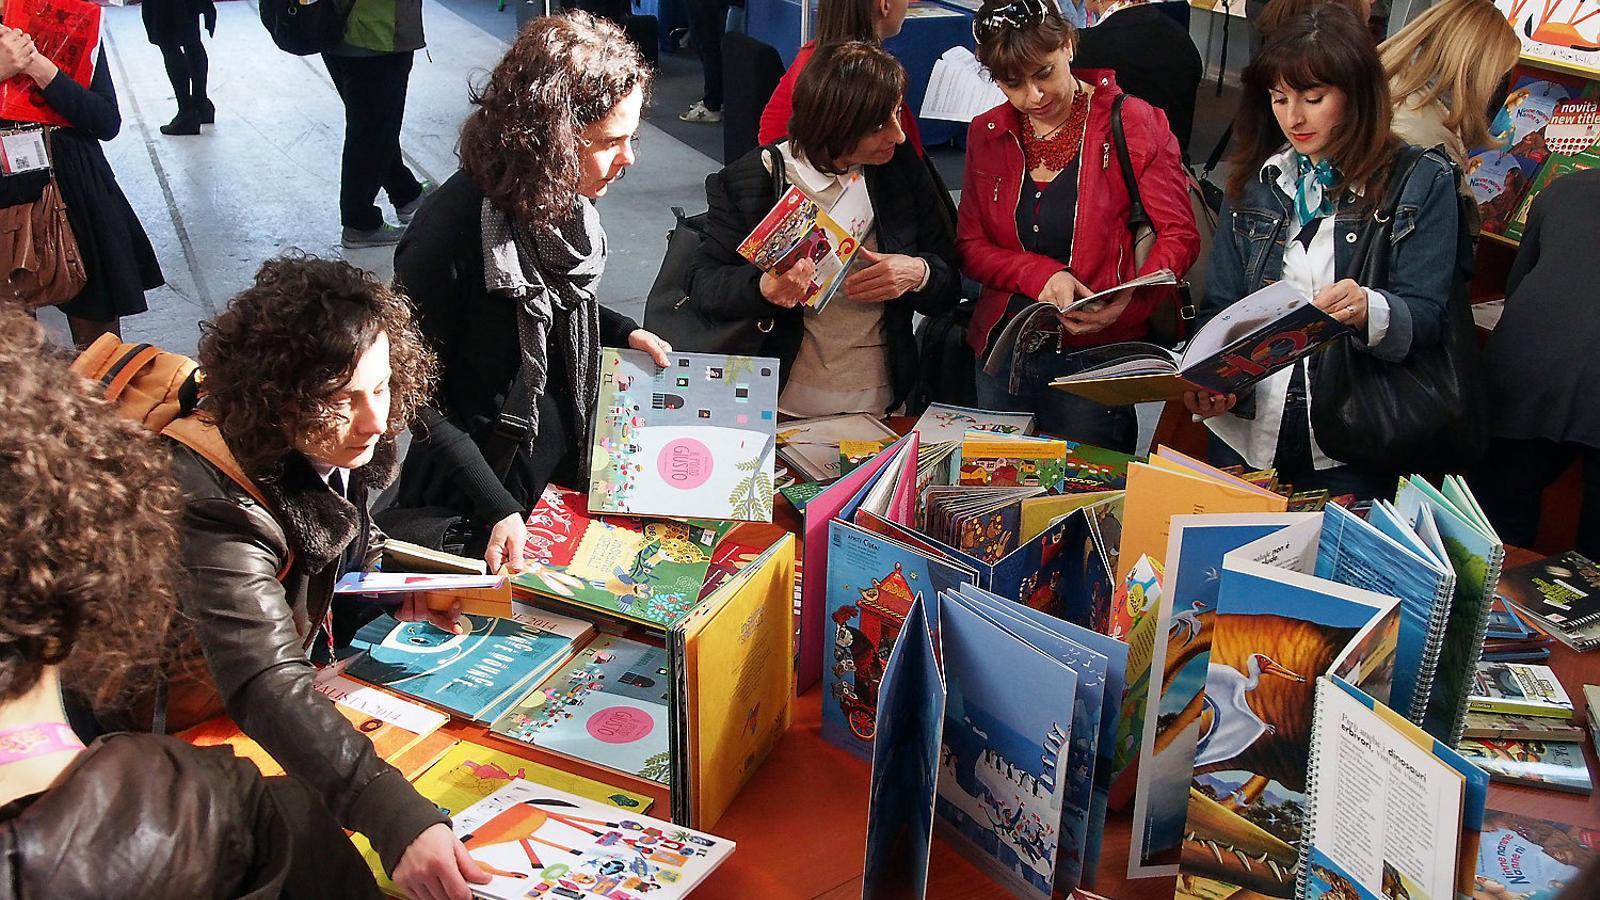 La Fira de Bolonya va comptar amb 80 creadors i 56 editorials catalanes